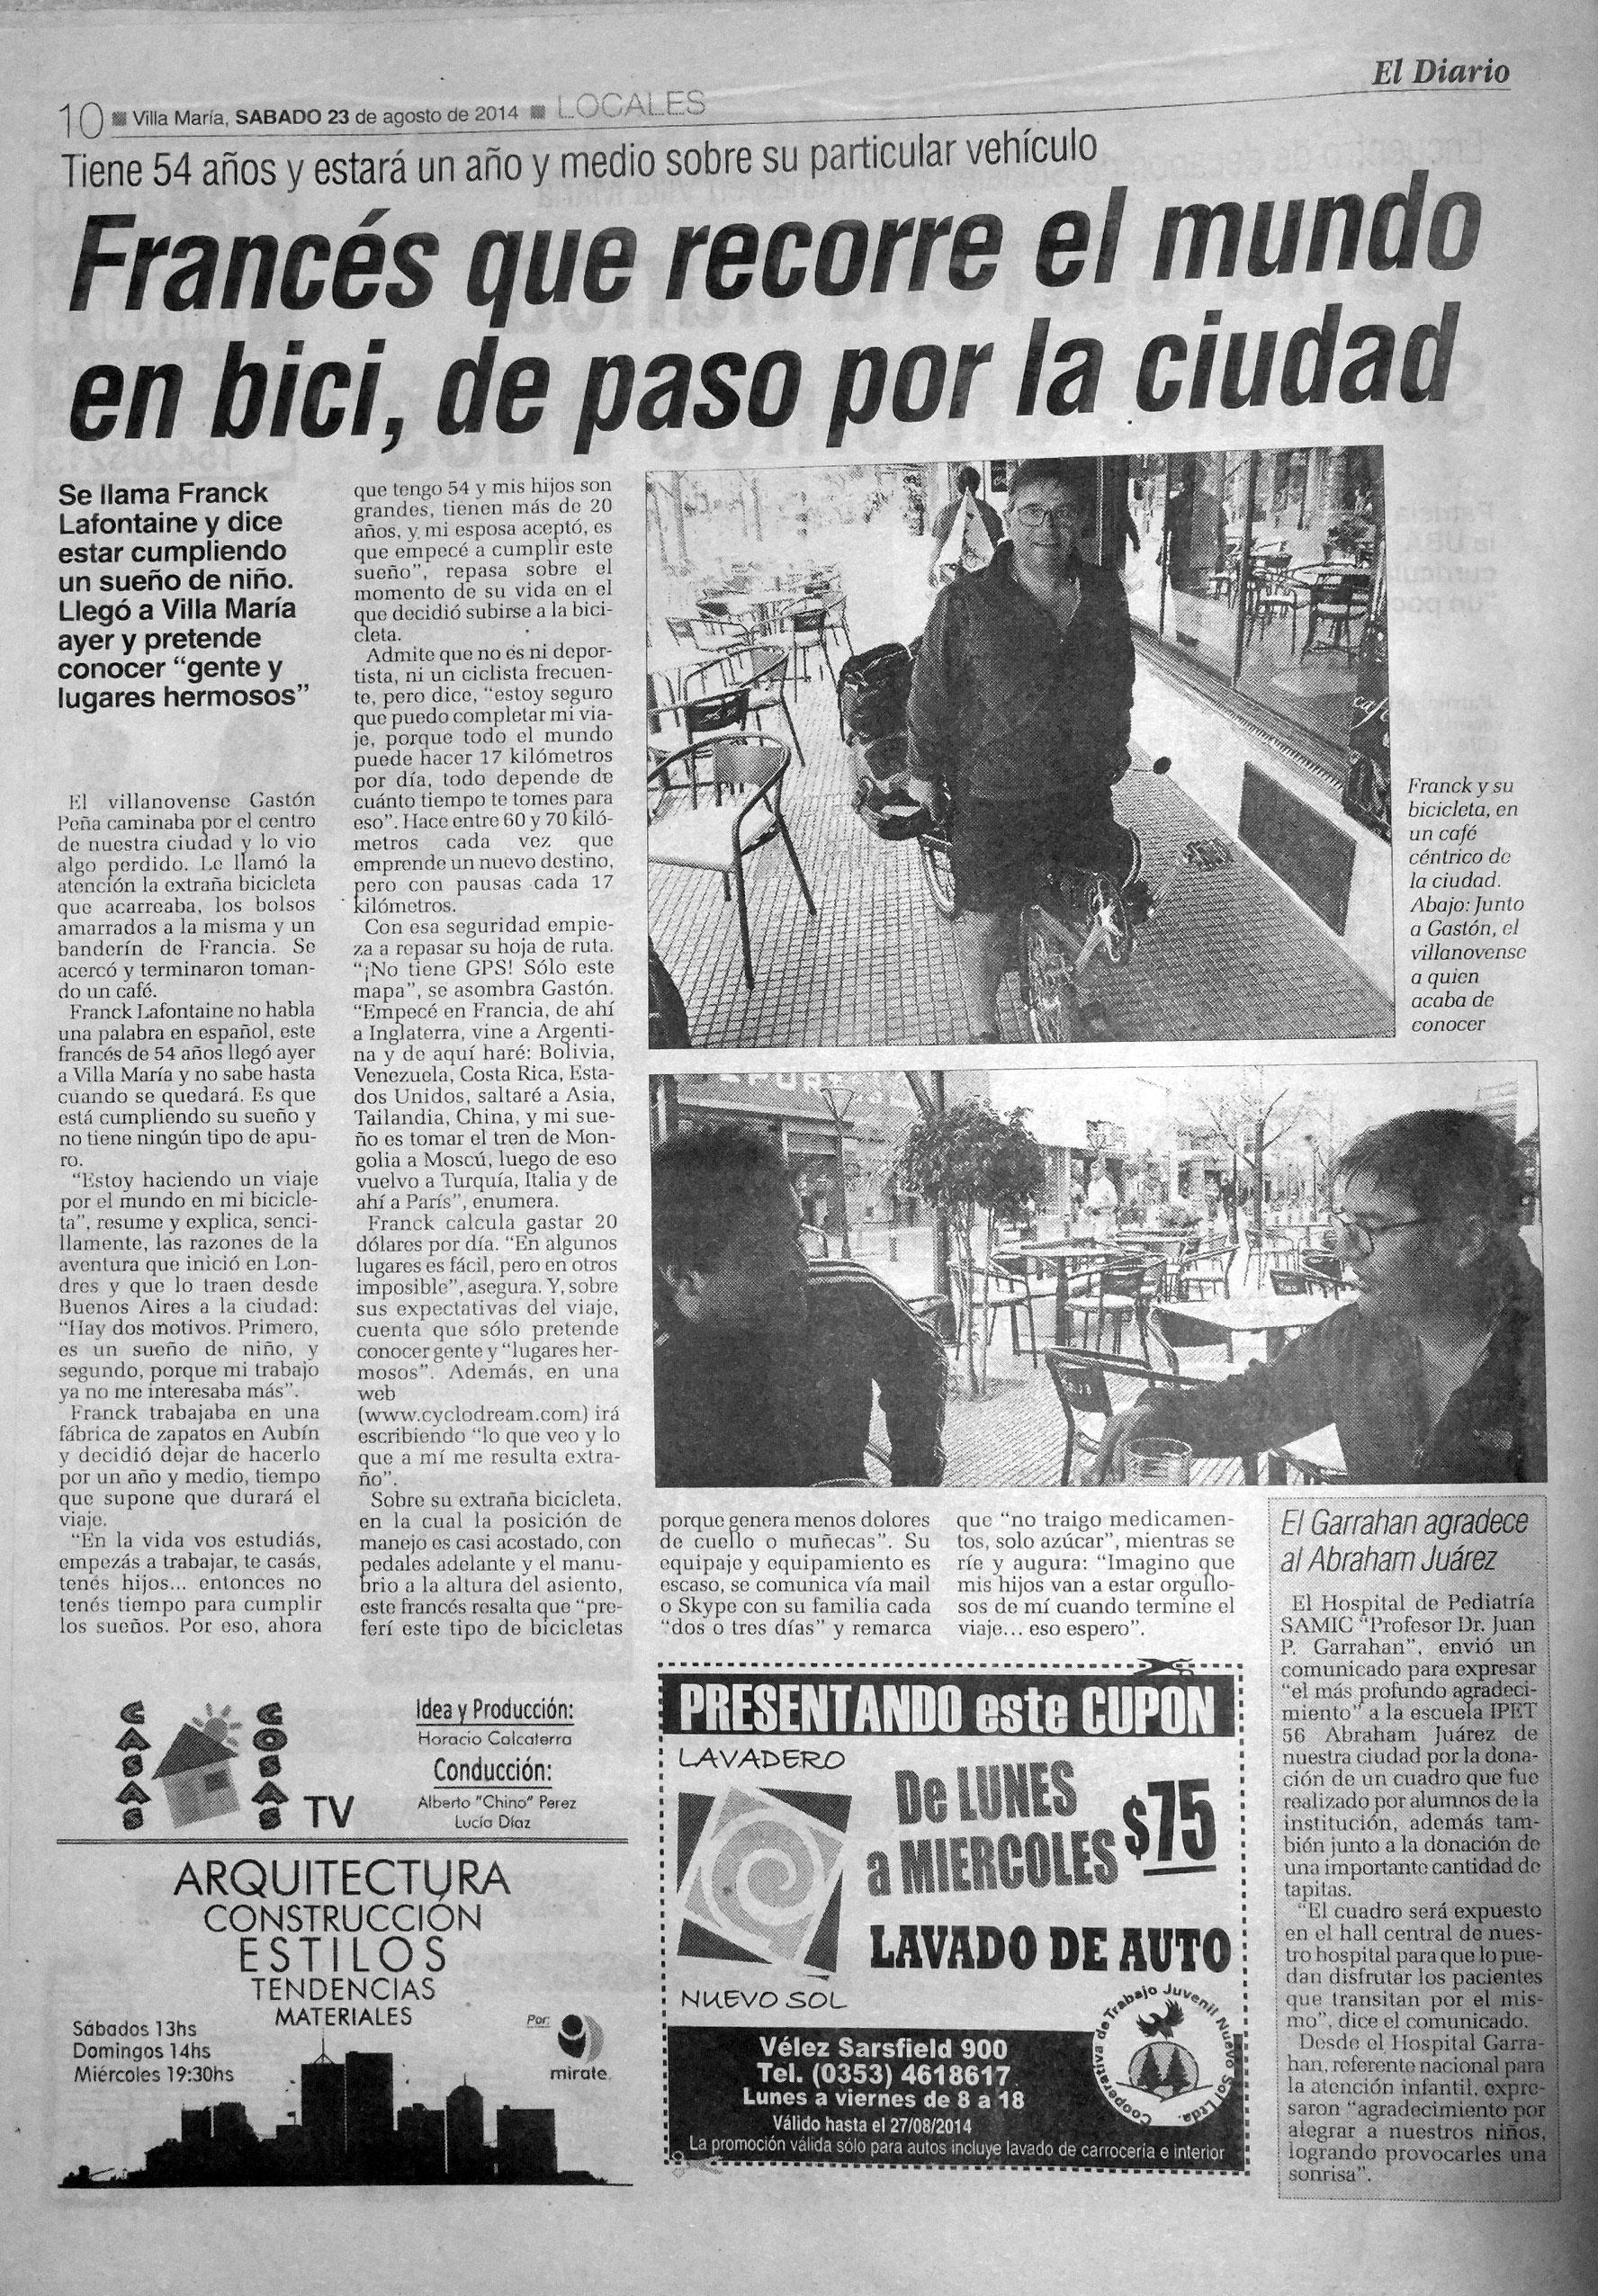 ELDIARIO20140823-3